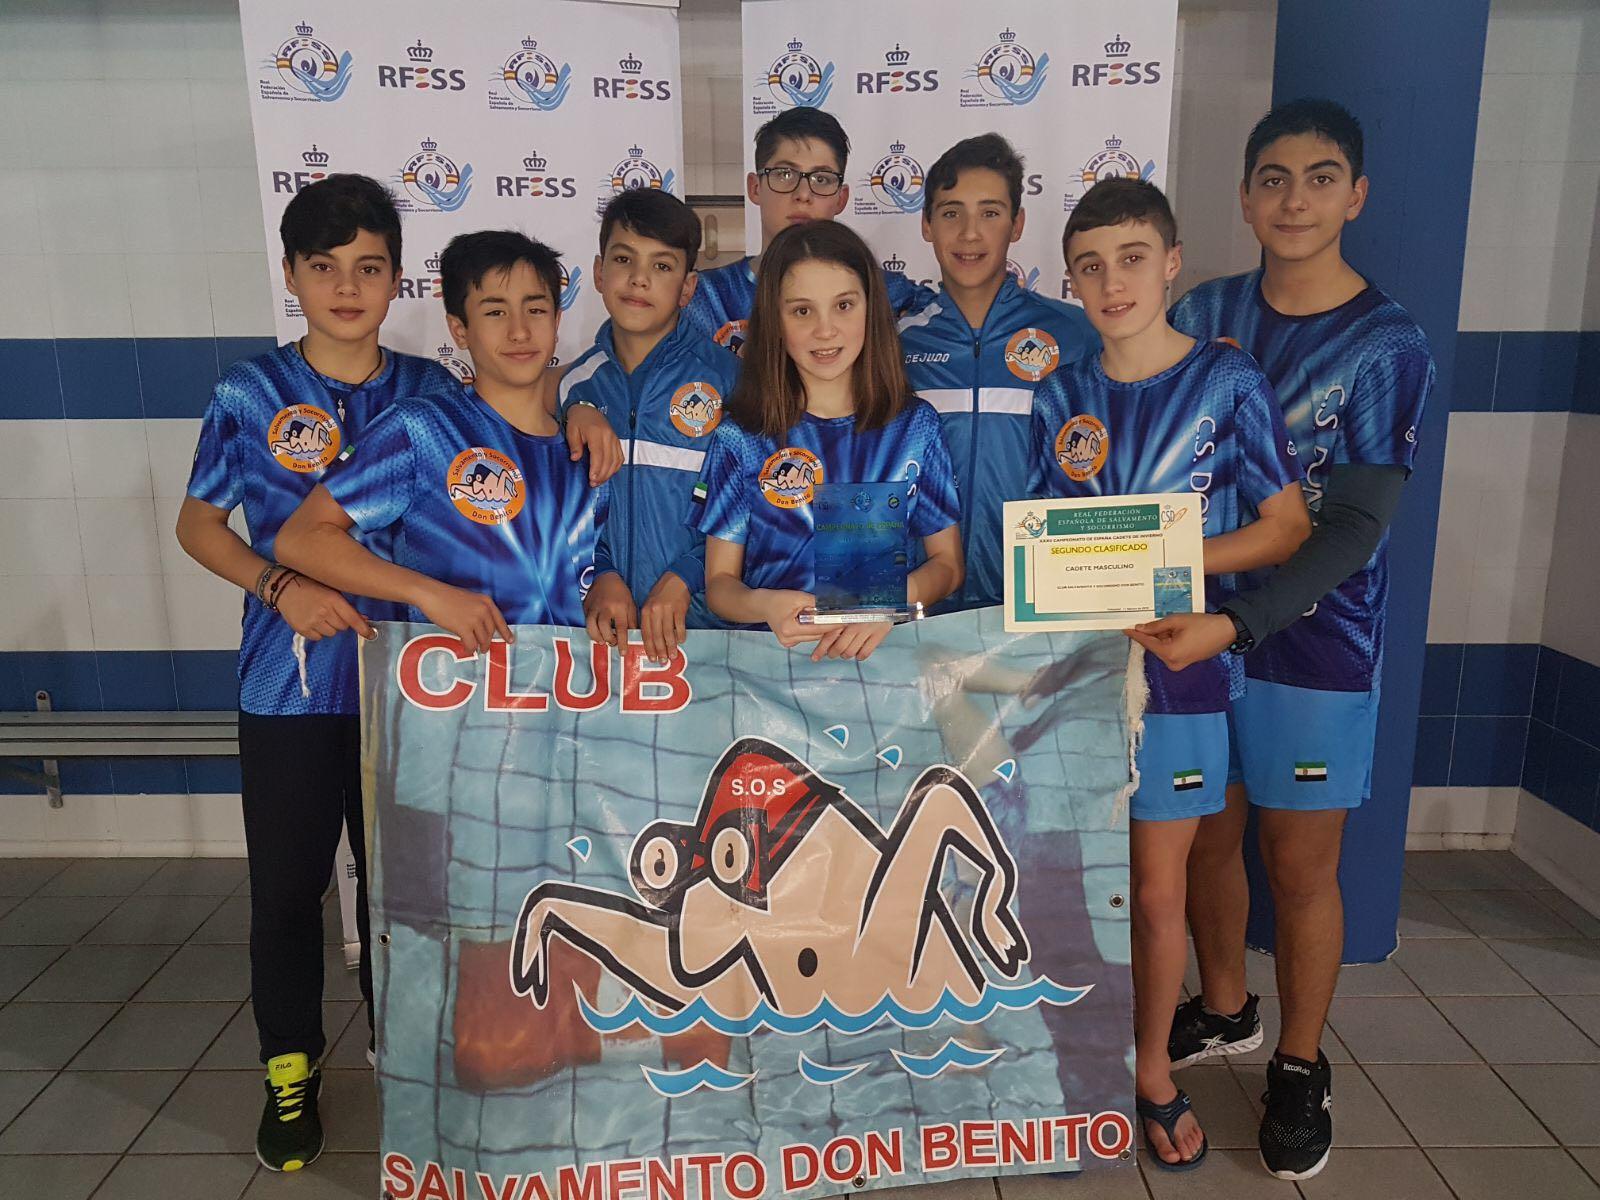 Subcampeonato de España por Equipos en Cadete Masculino y dos platas en Relevo Obstáculo y Arrastre